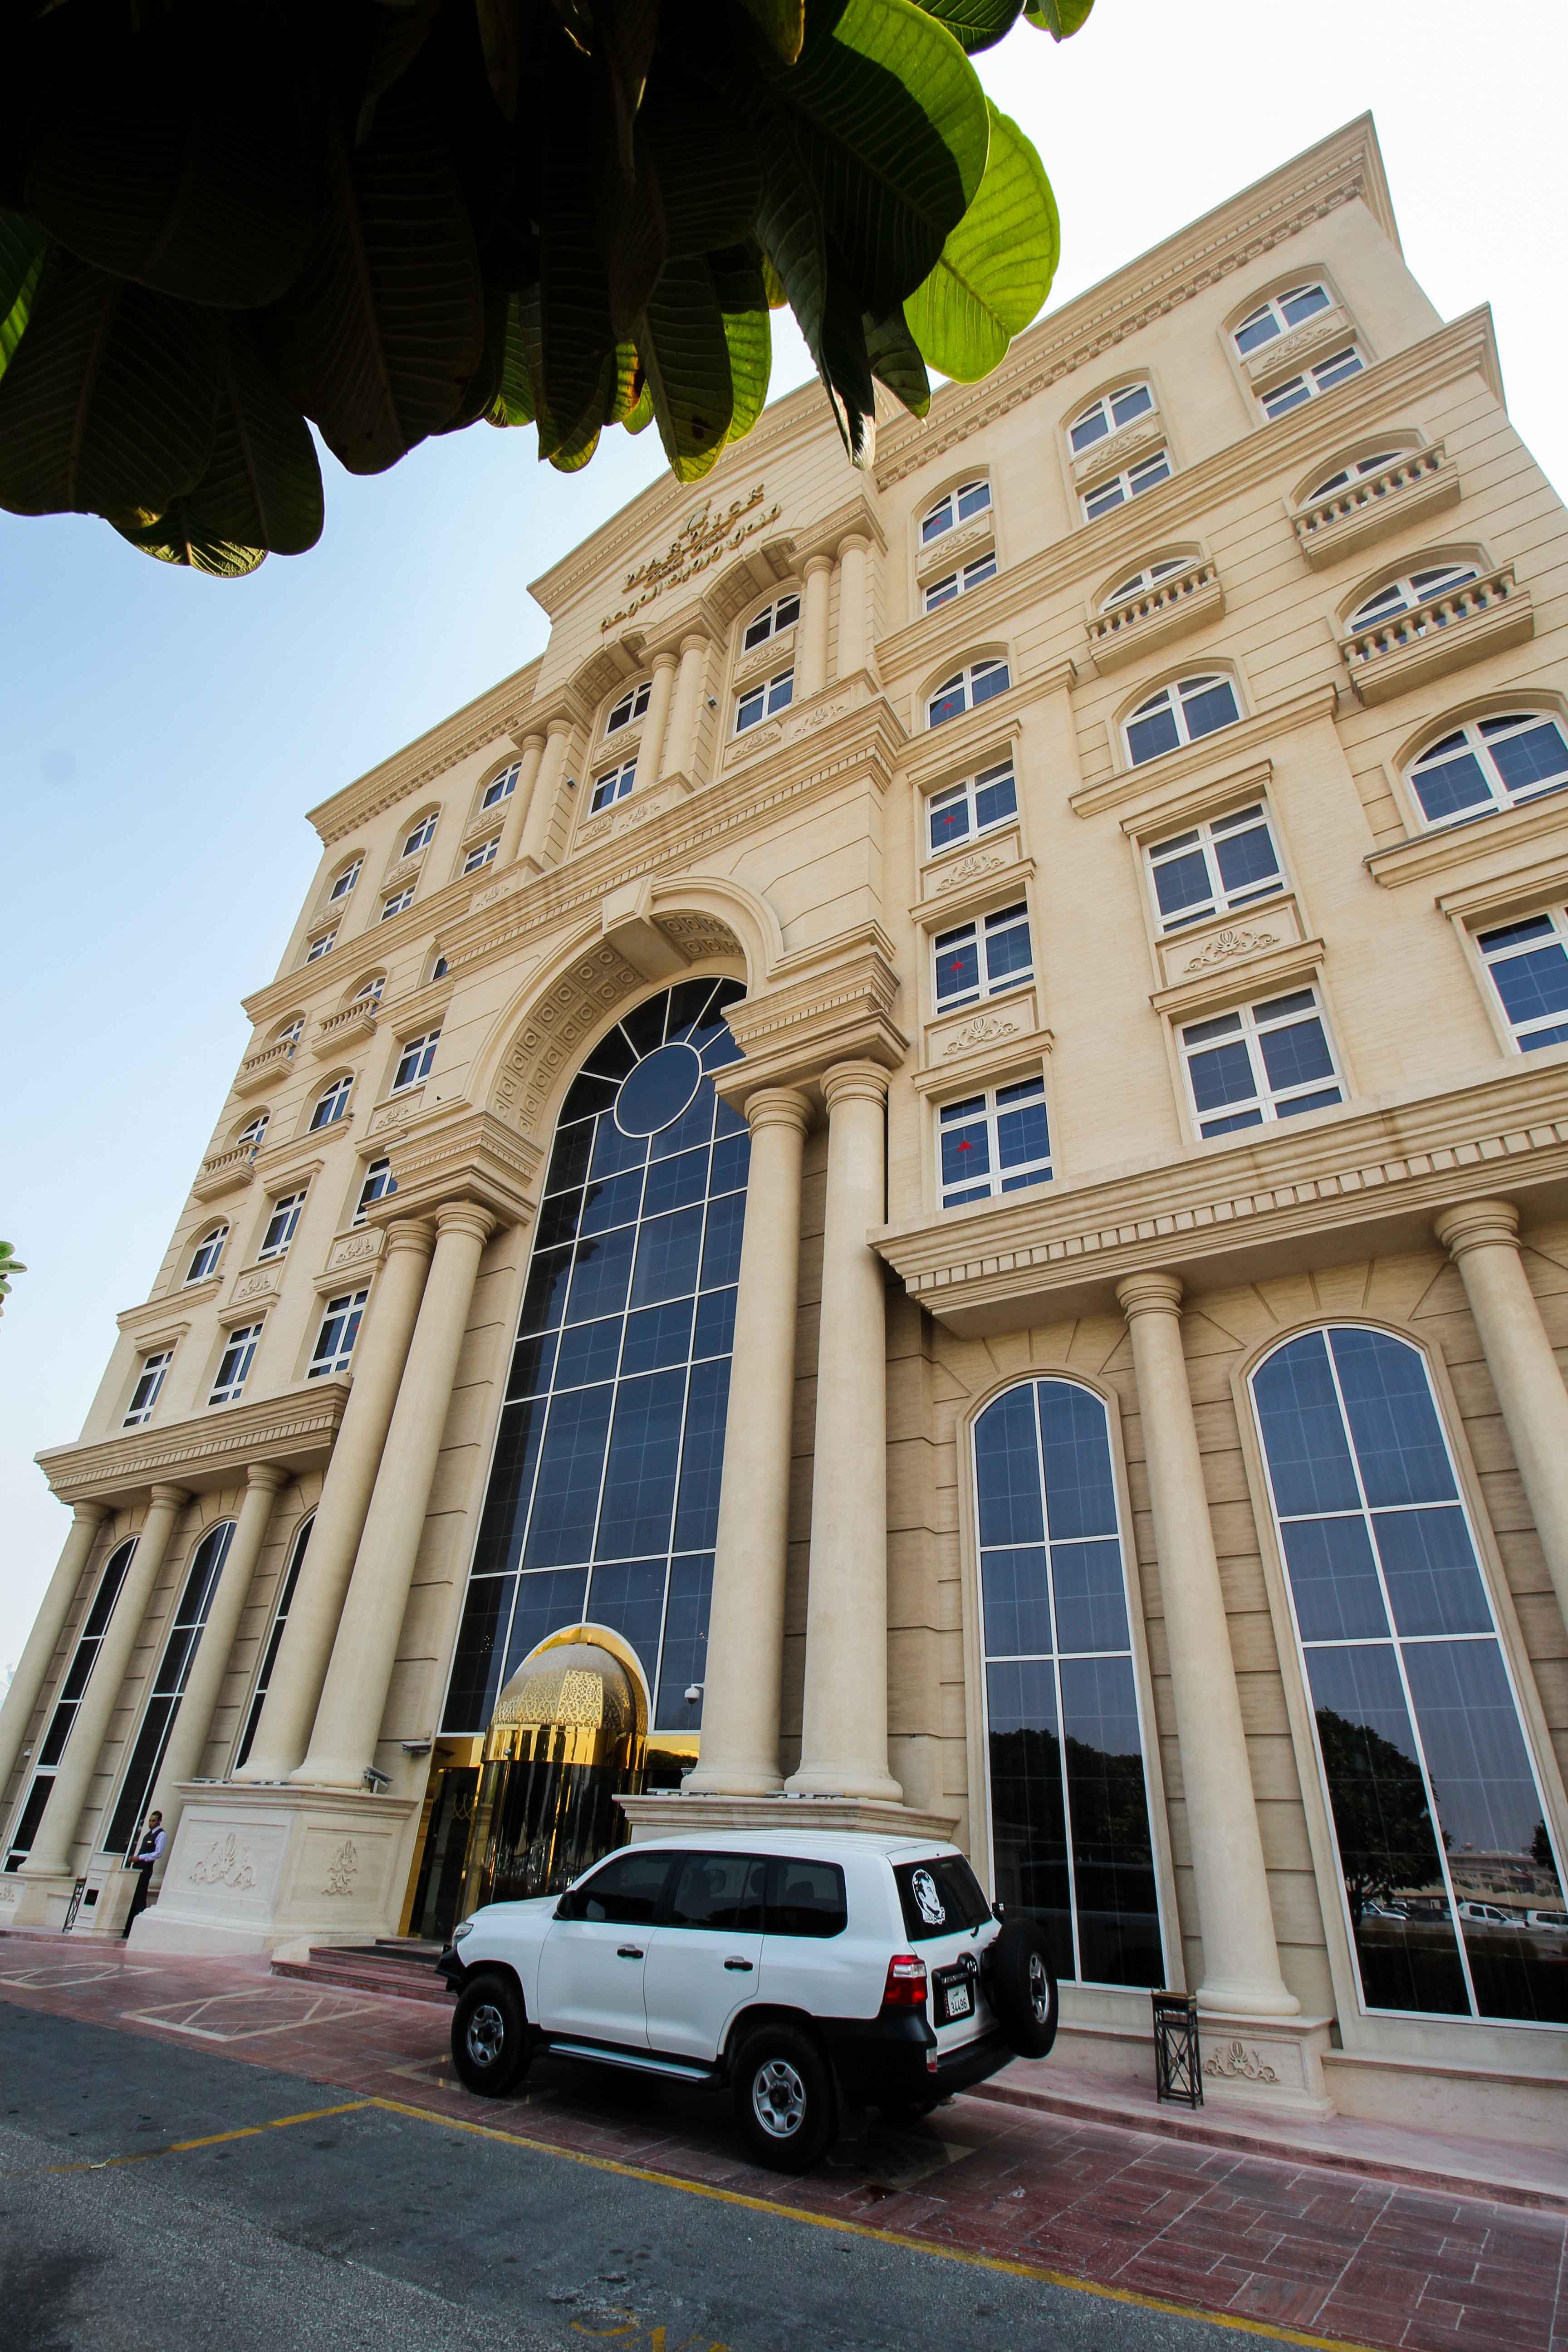 Warwick Hotel Doha Luxushotel 5 Sterne Hotel Qatar Reiseblog